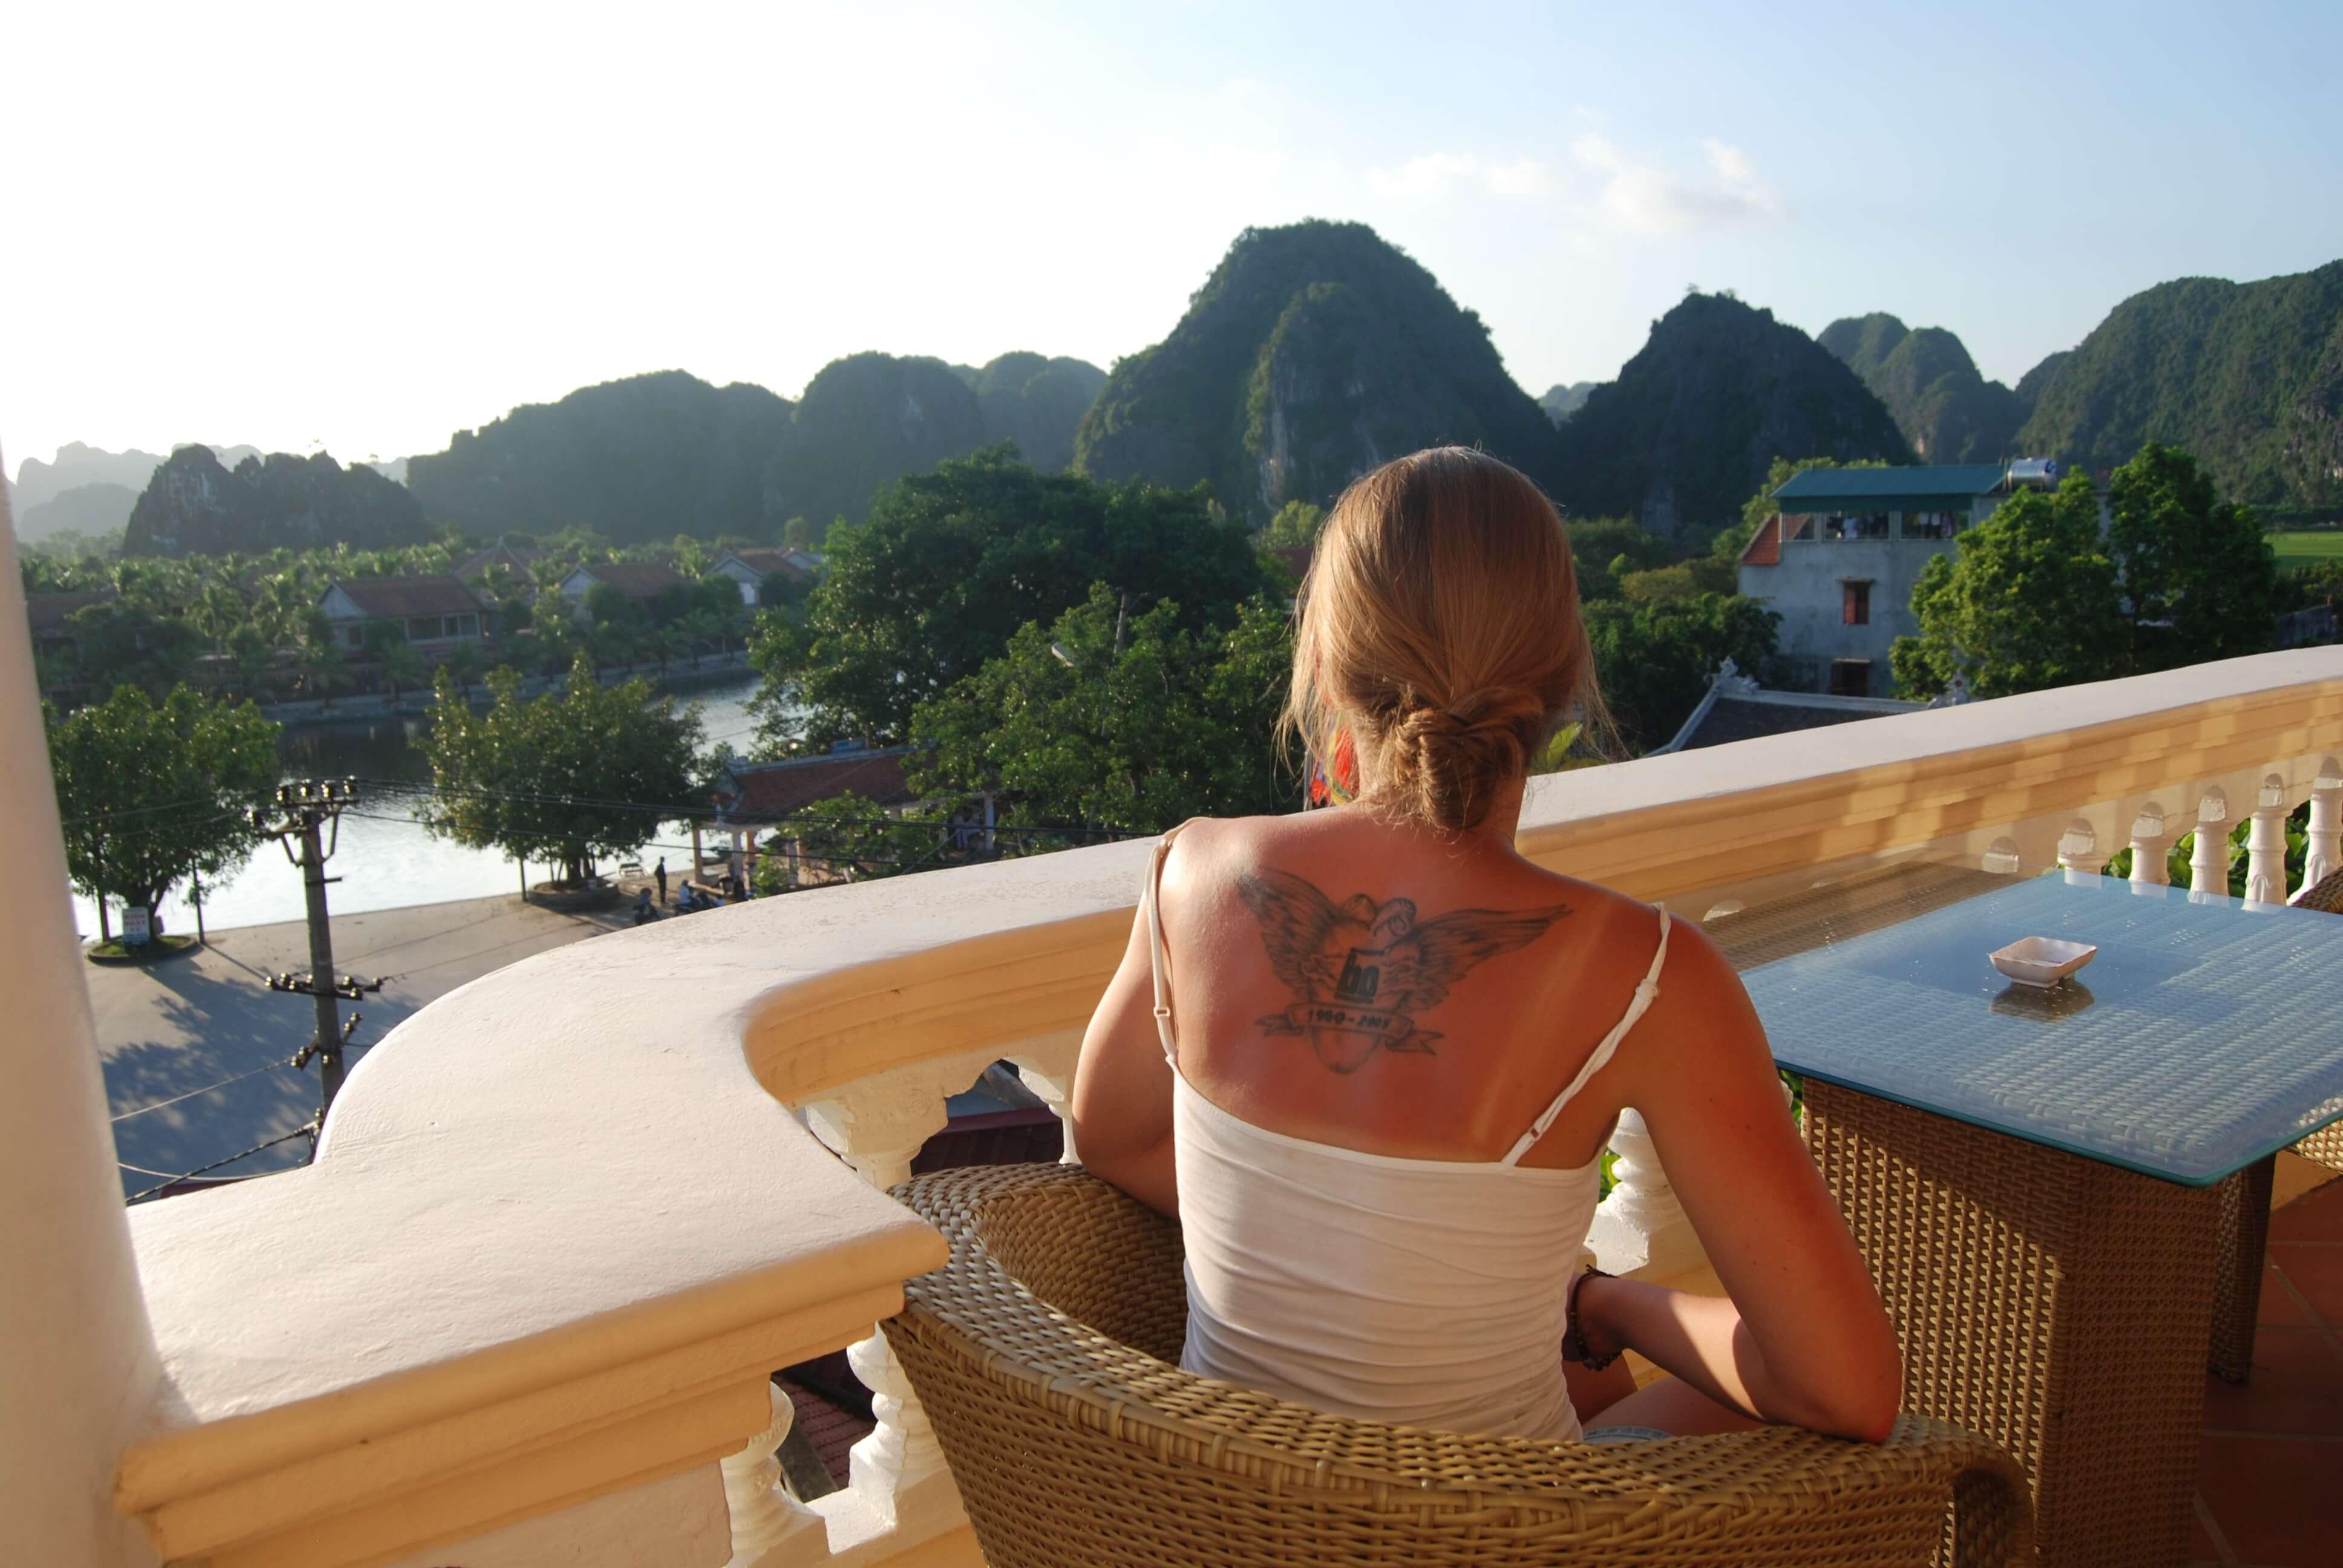 Khách du lịch đang ngắm cảnh từ ban công khách sạn